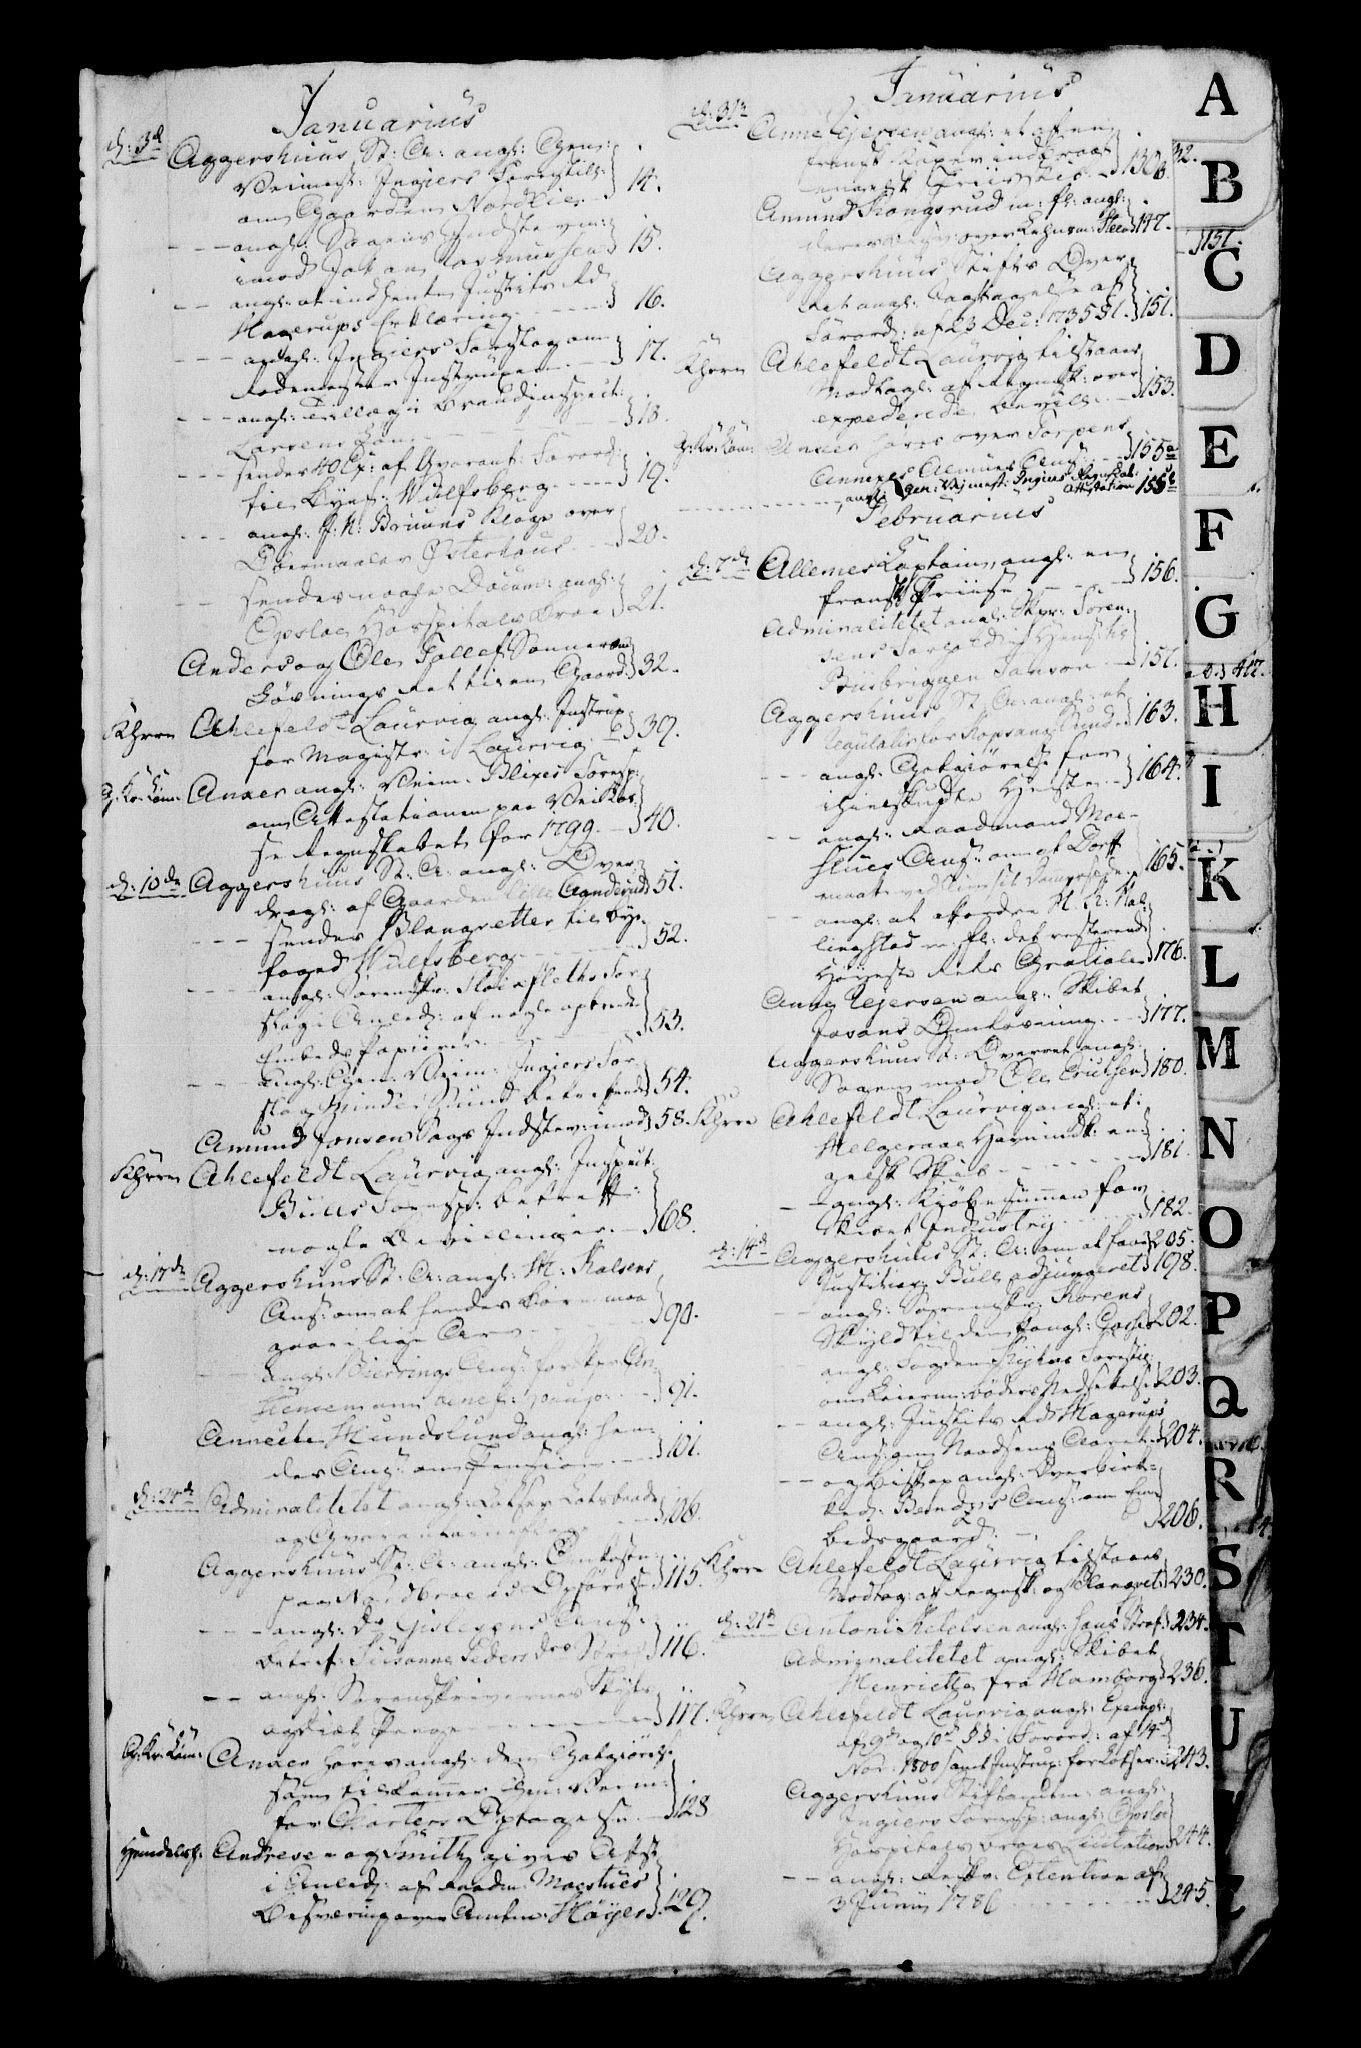 RA, Danske Kanselli 1800-1814, H/Hg/Hga/Hgaa/L0003: Brevbok, 1801